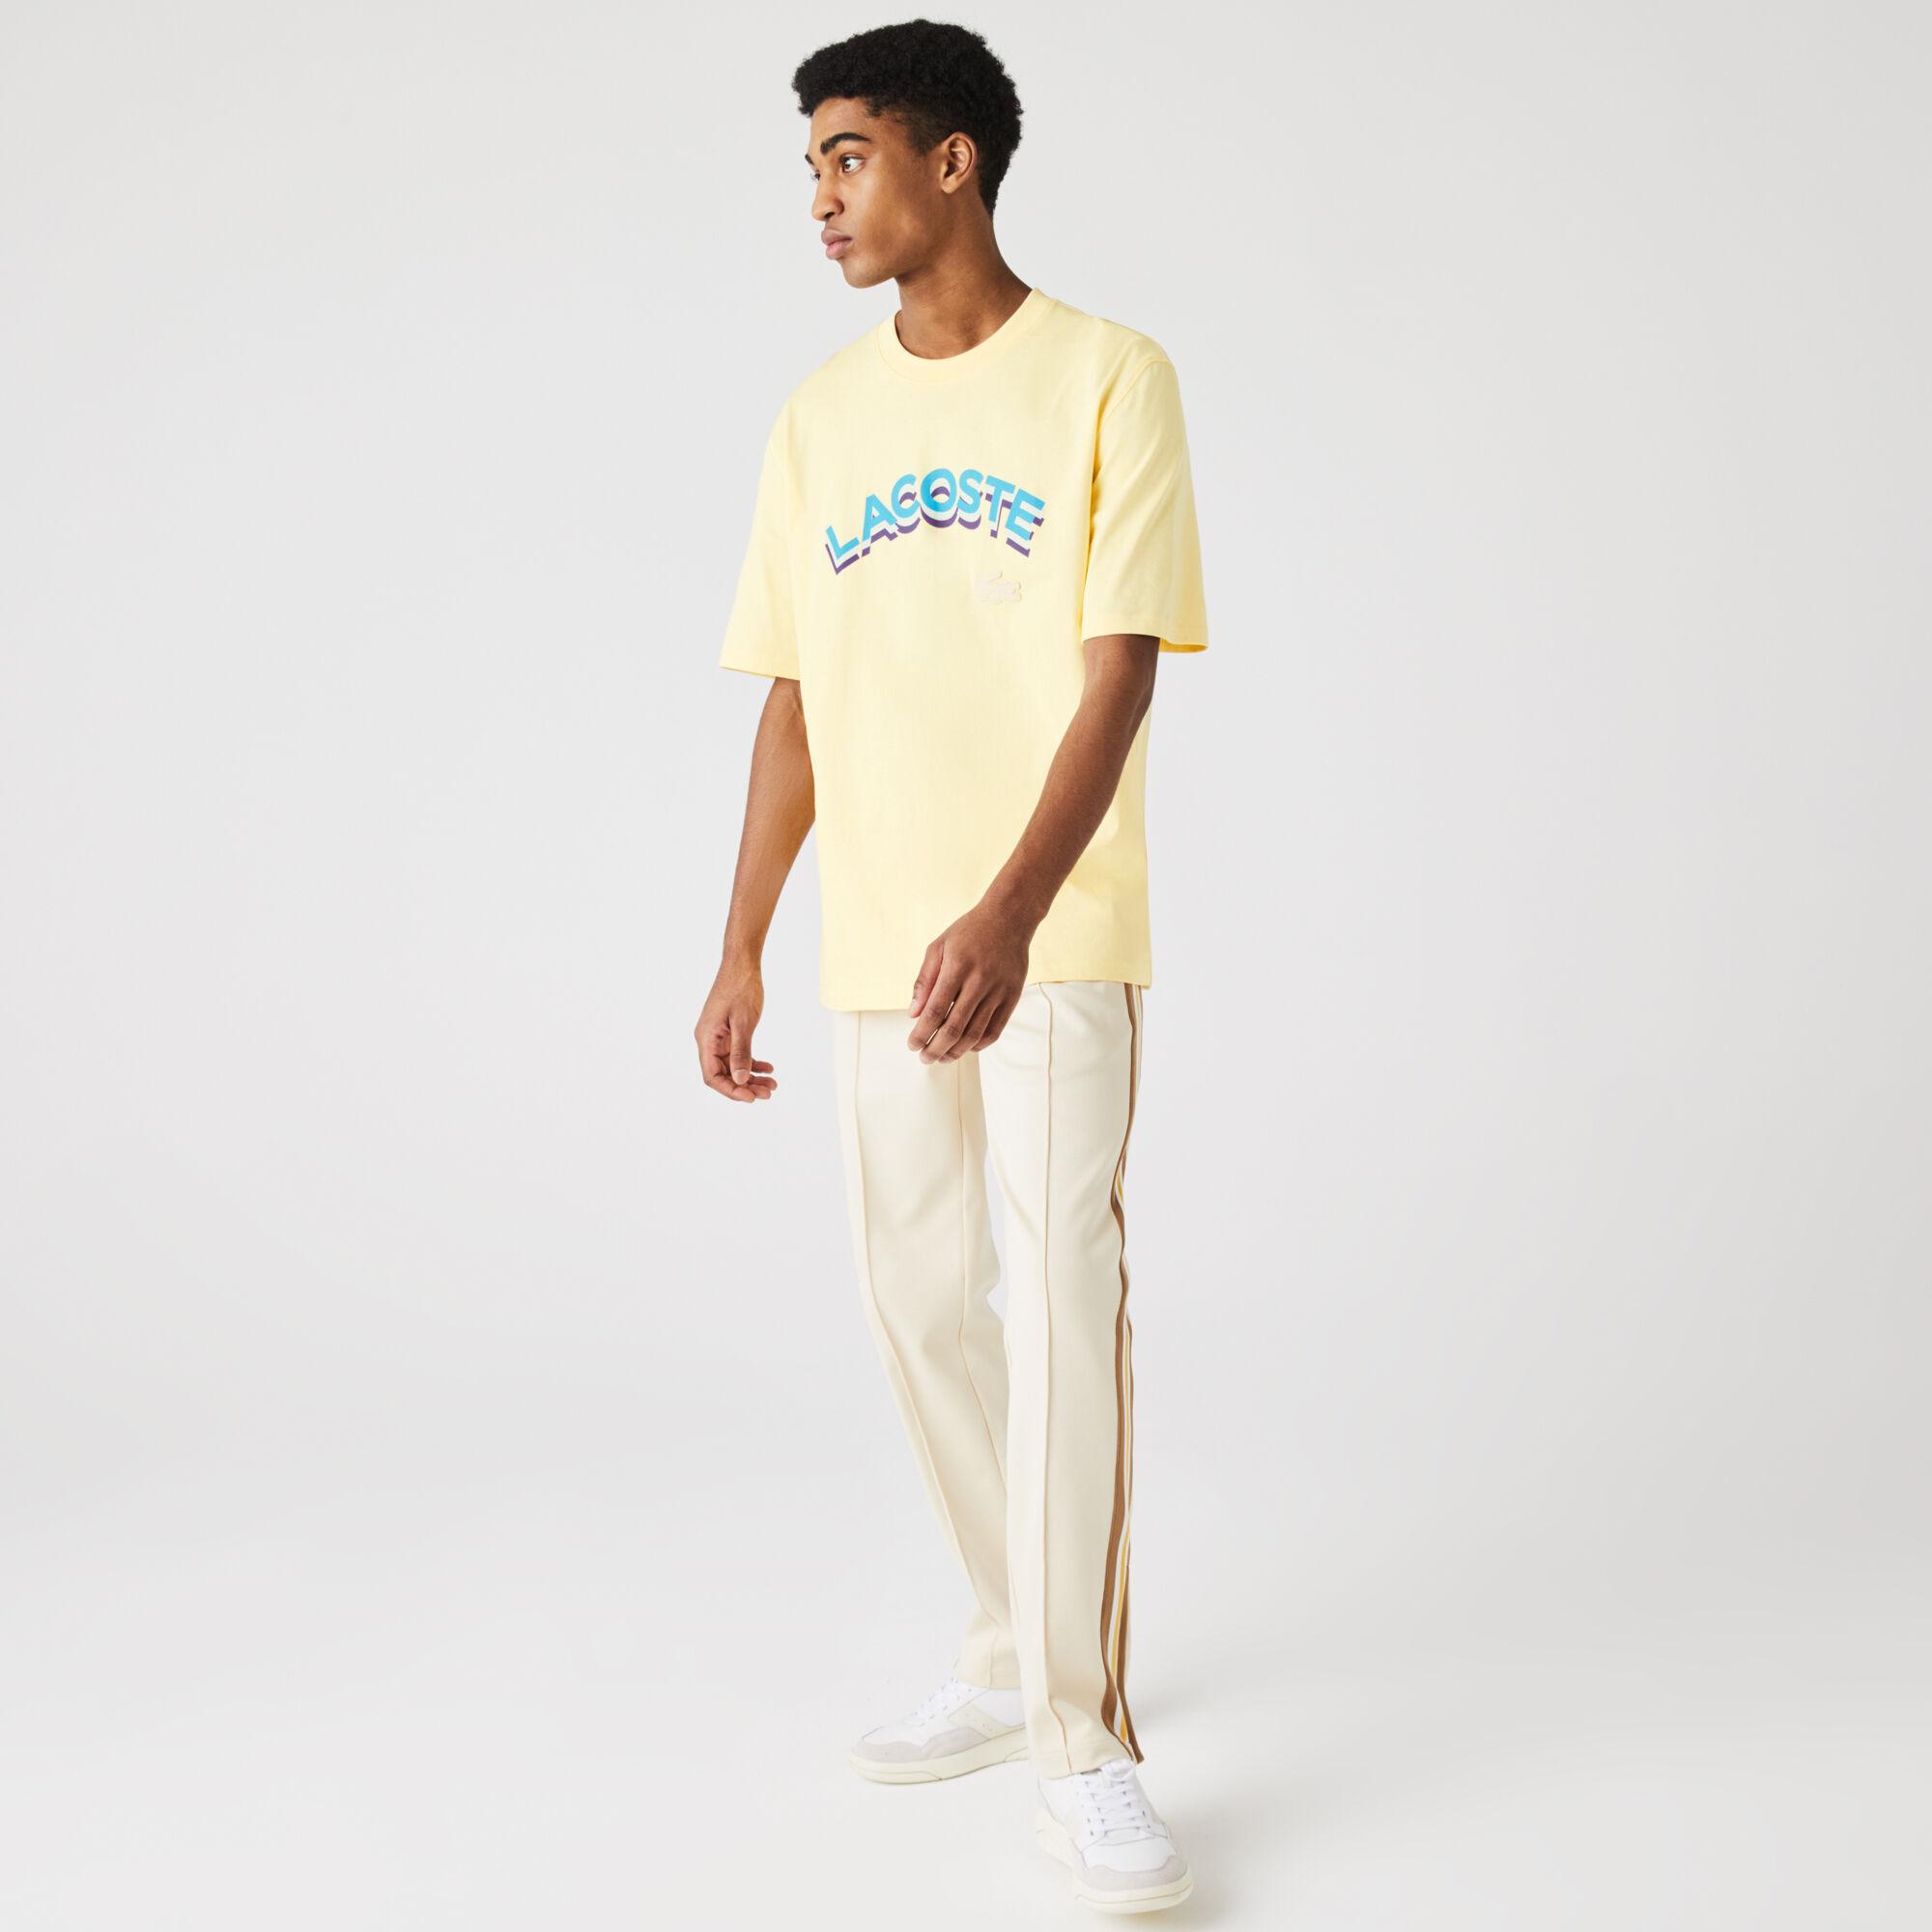 Unisex Lacoste LIVE Loose Fit Lettered Cotton T-shirt